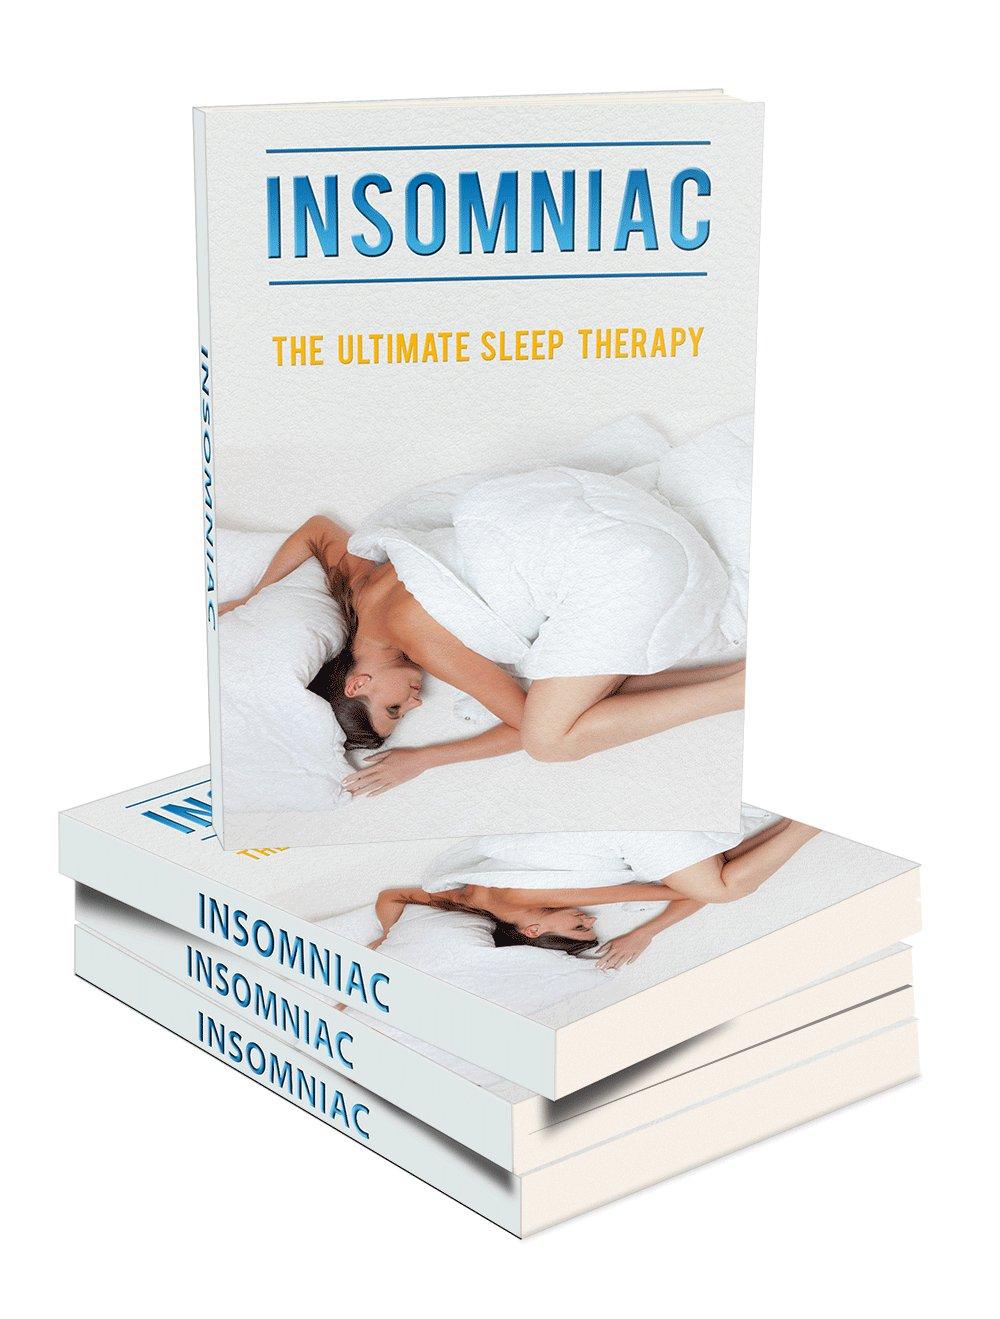 Insomniac | E-Book Download